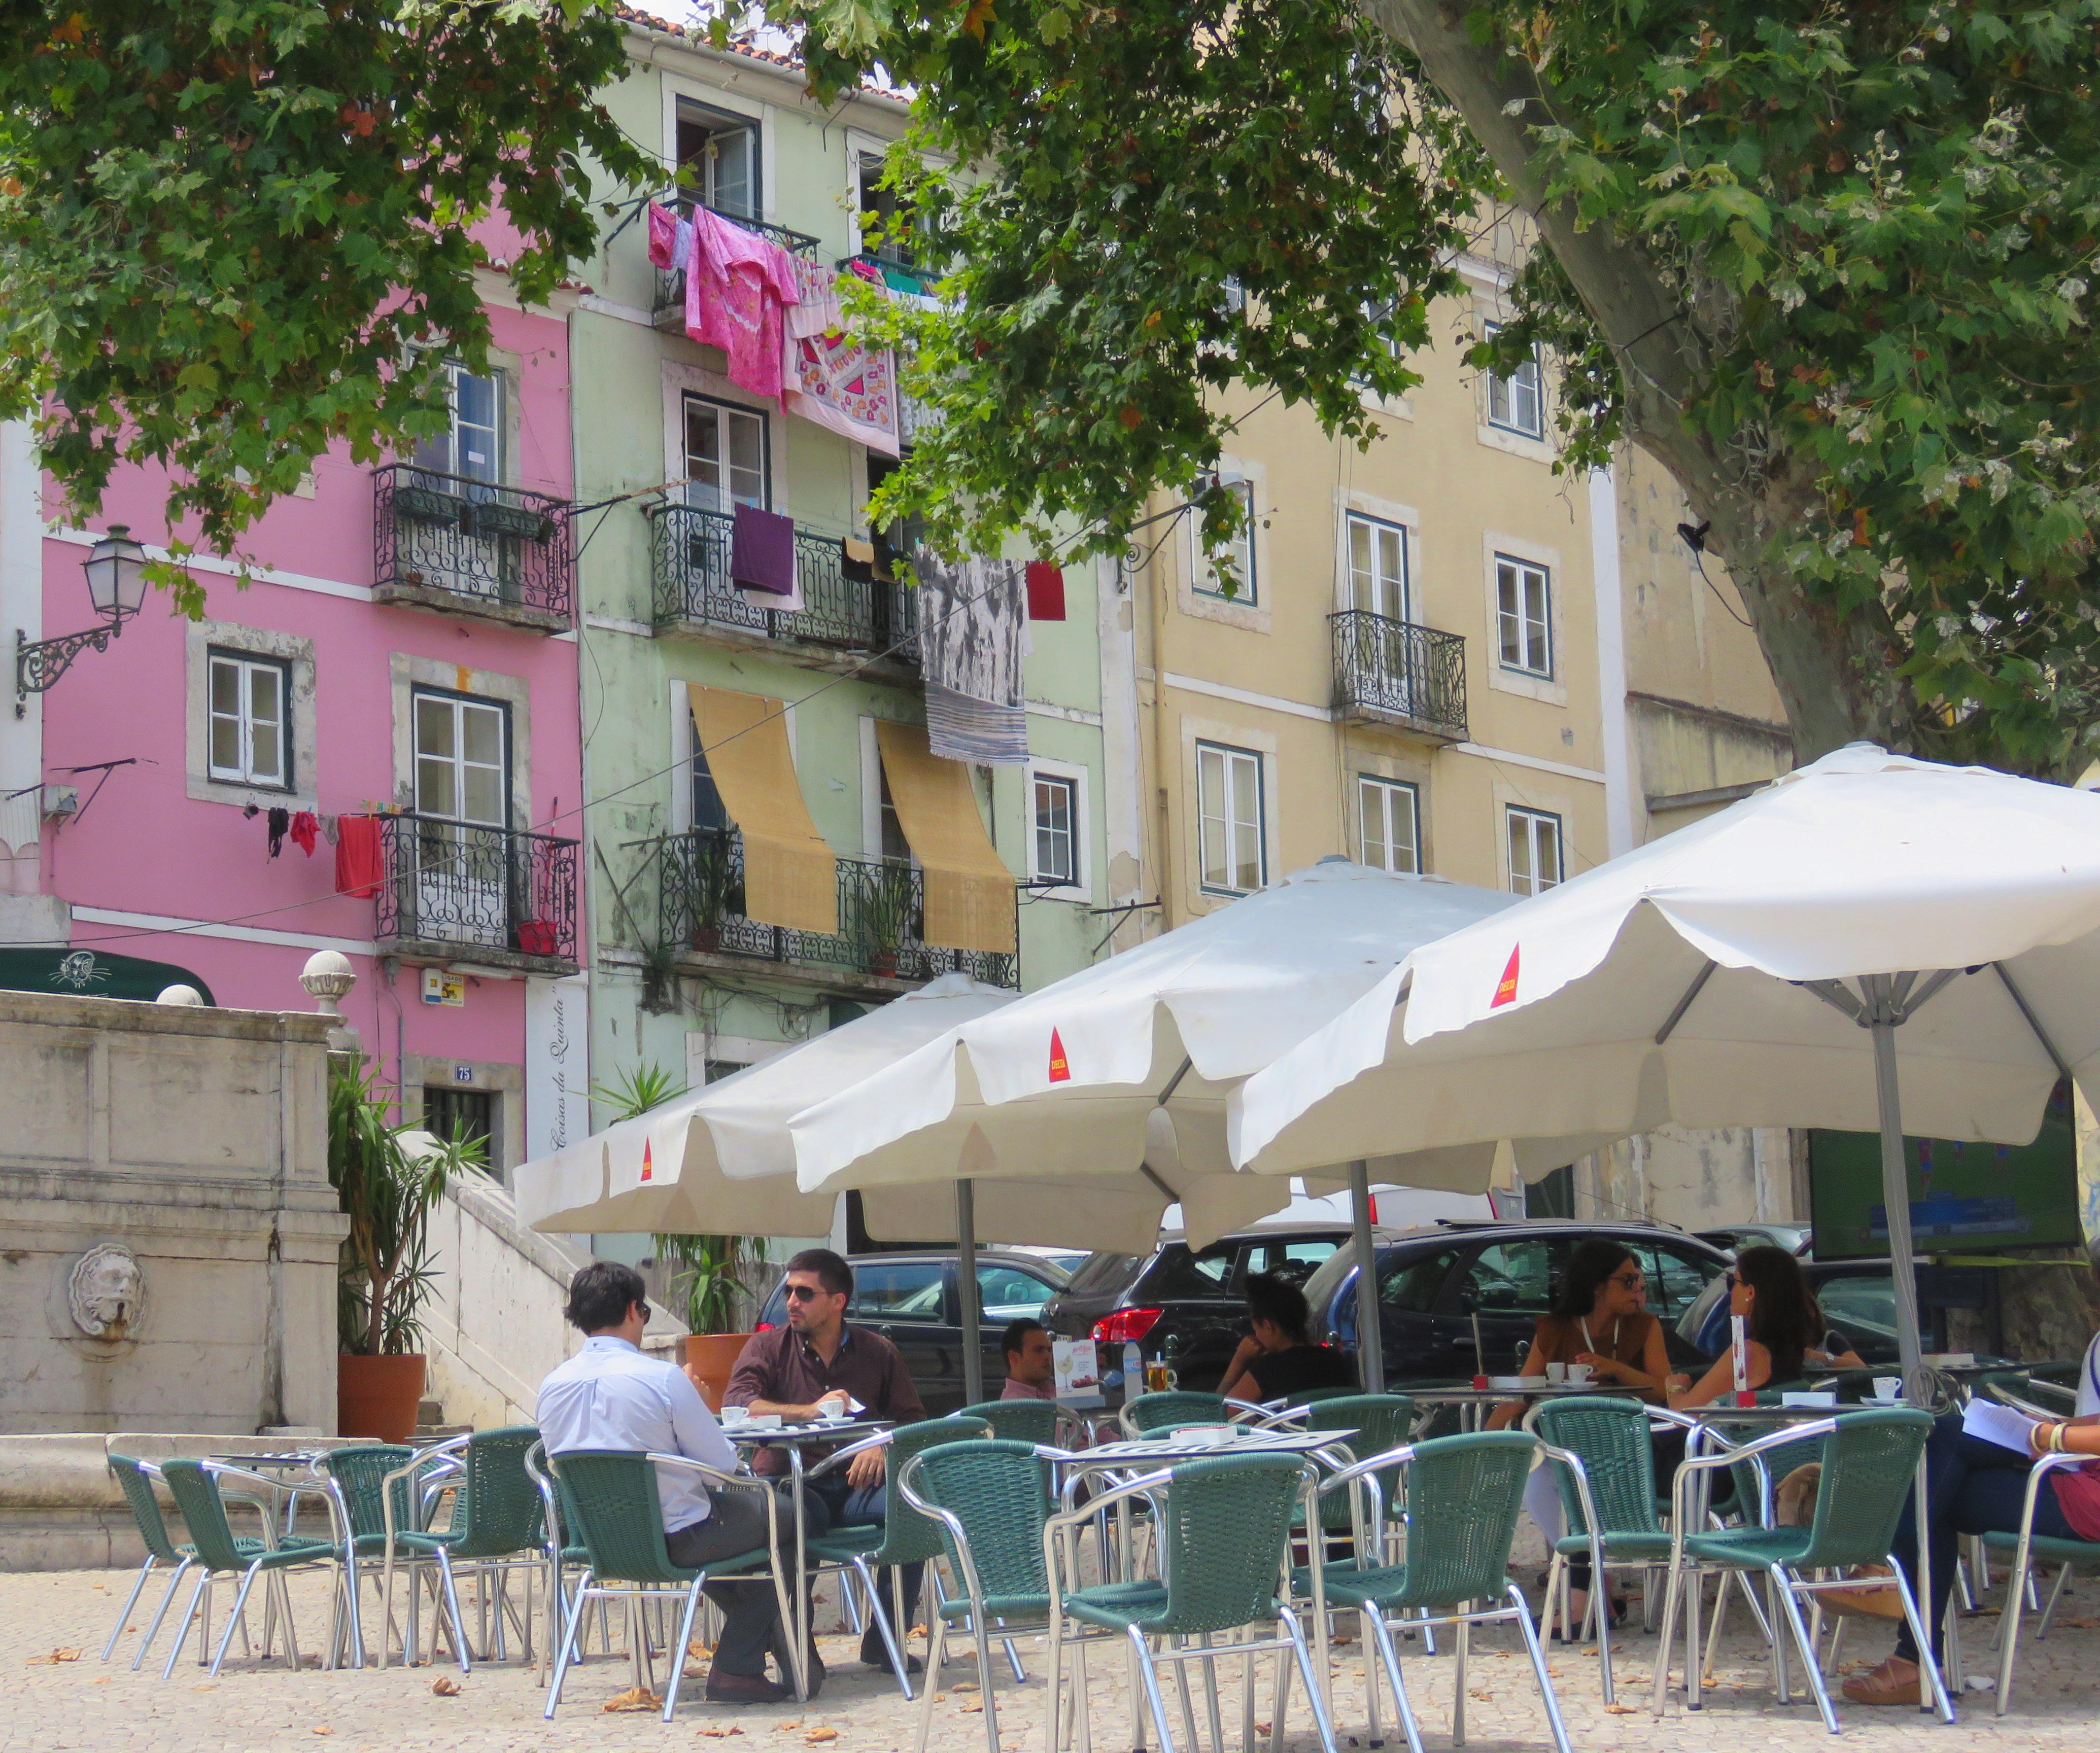 Lissabon kattfik augusti 2016 110